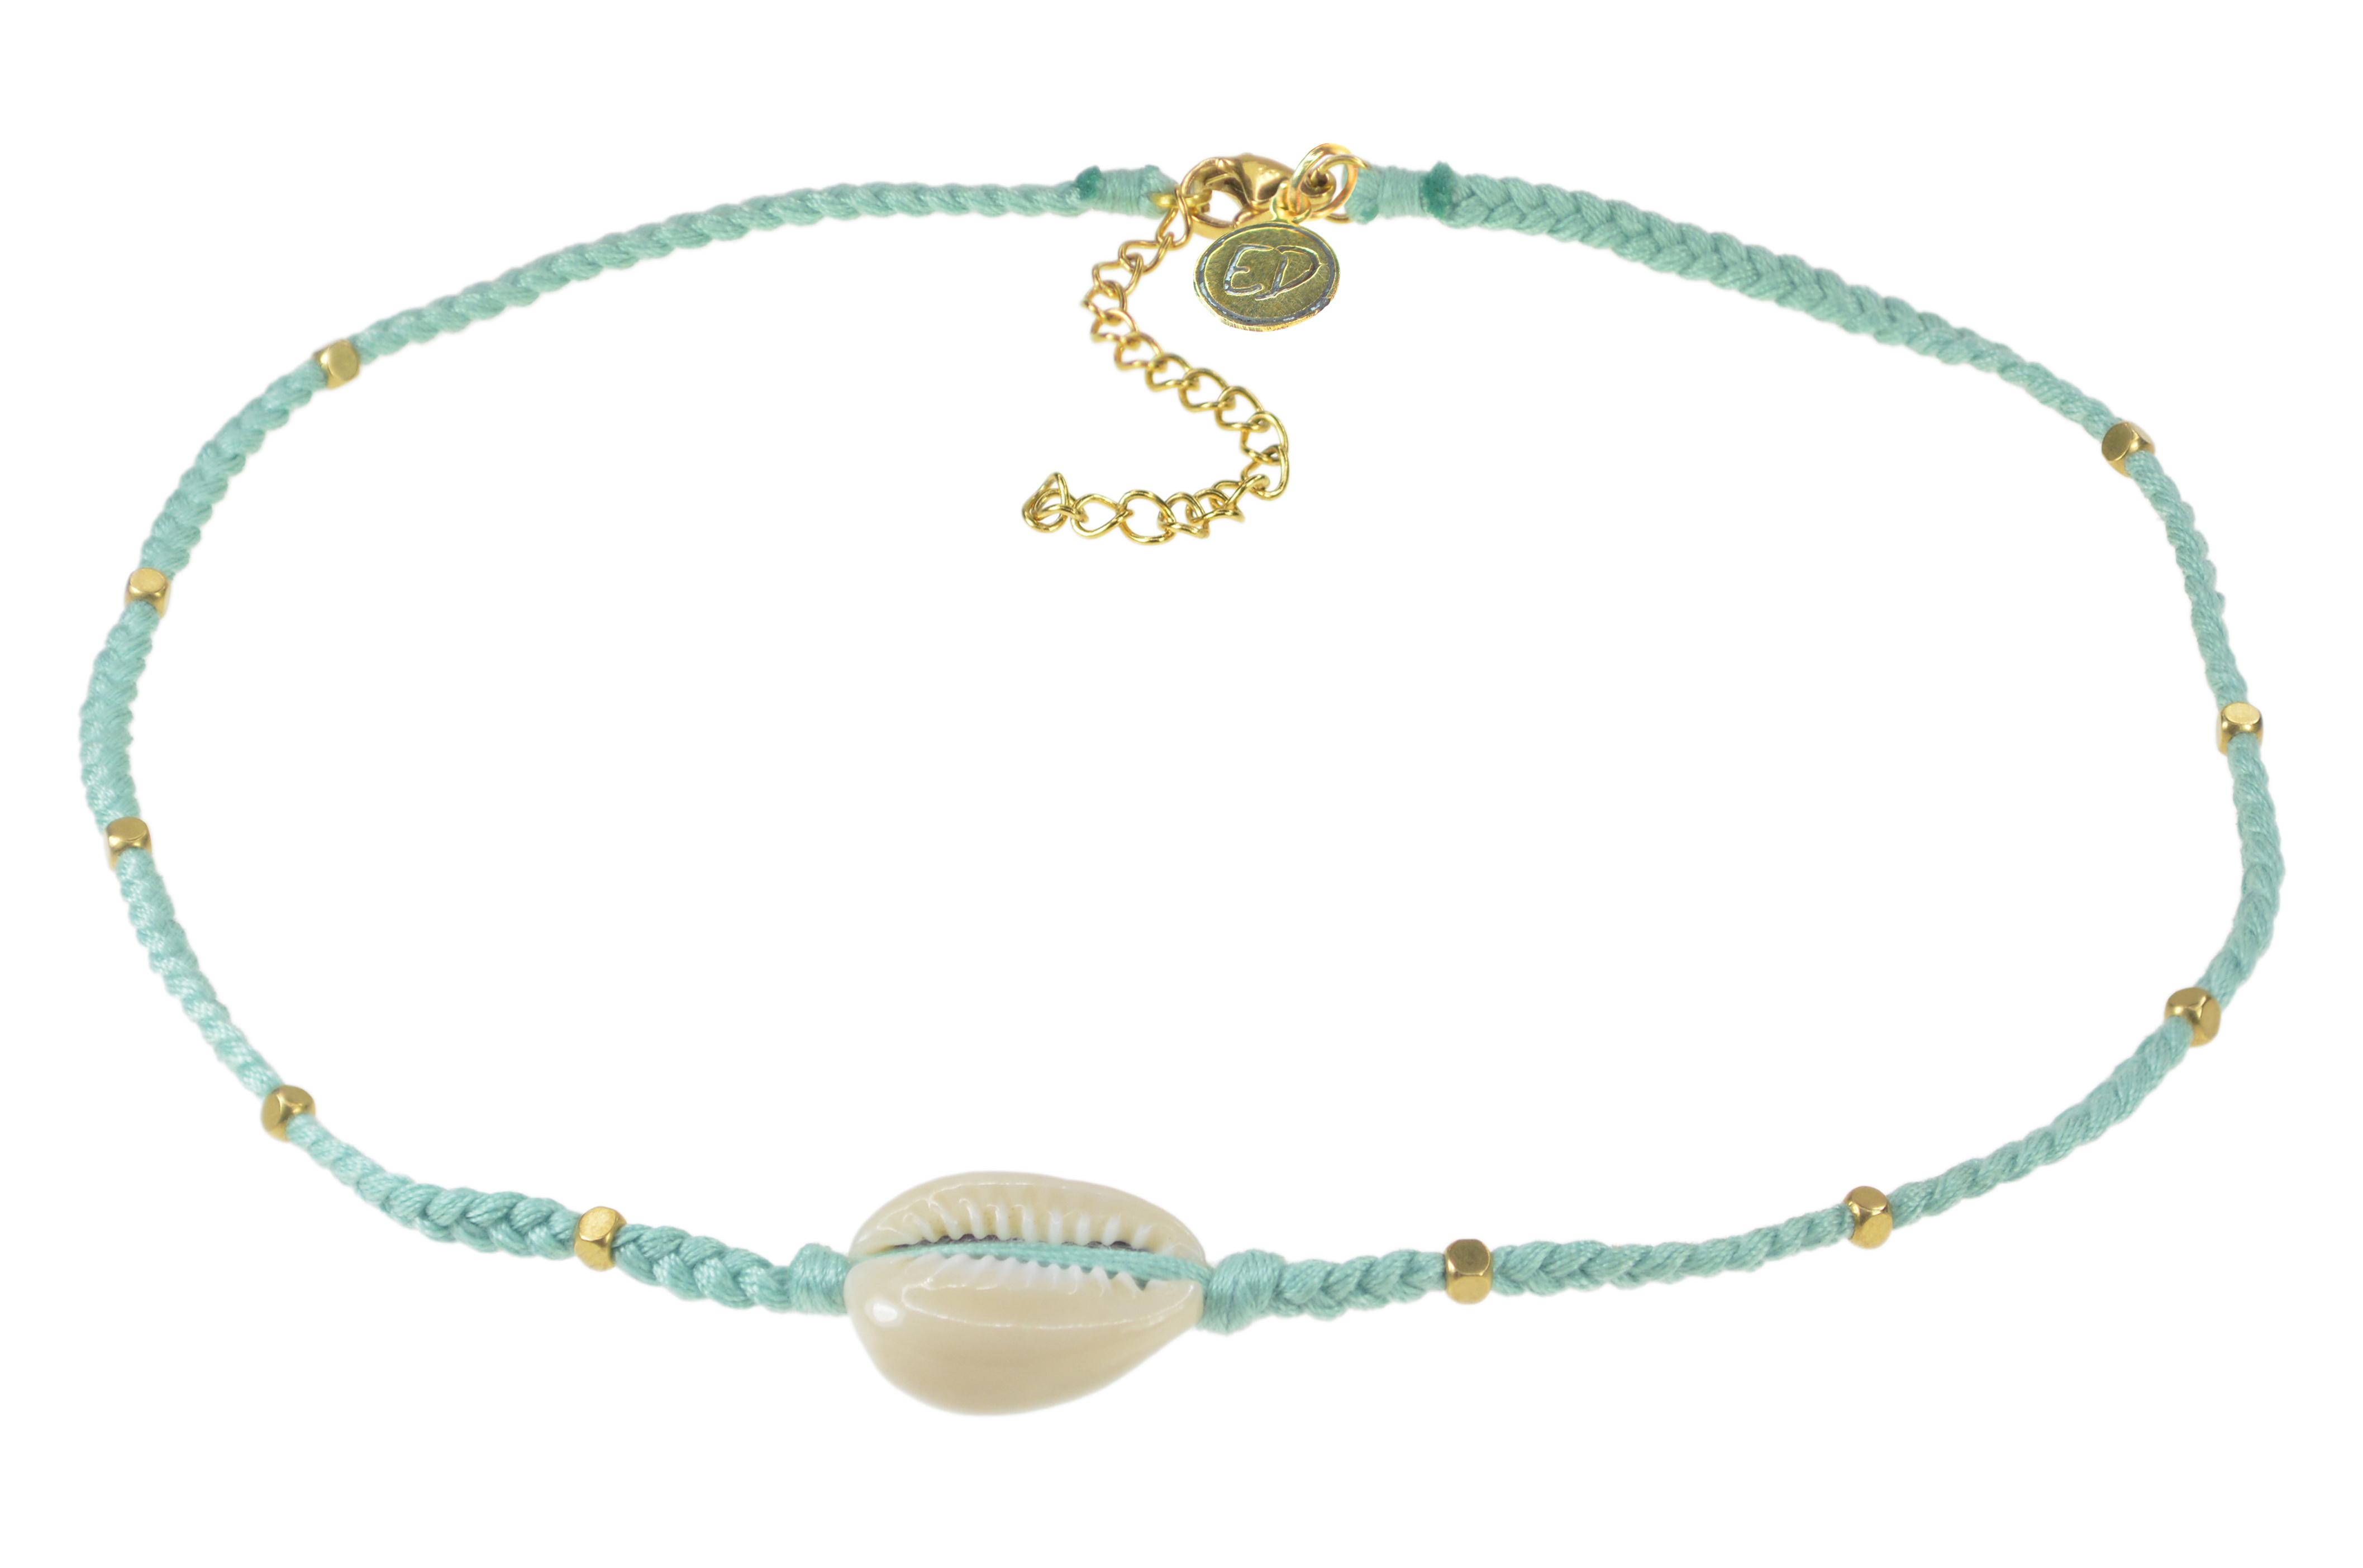 Dámsky ručne pletený náhrdelník  s mušľou a korálkami - Neo Mint